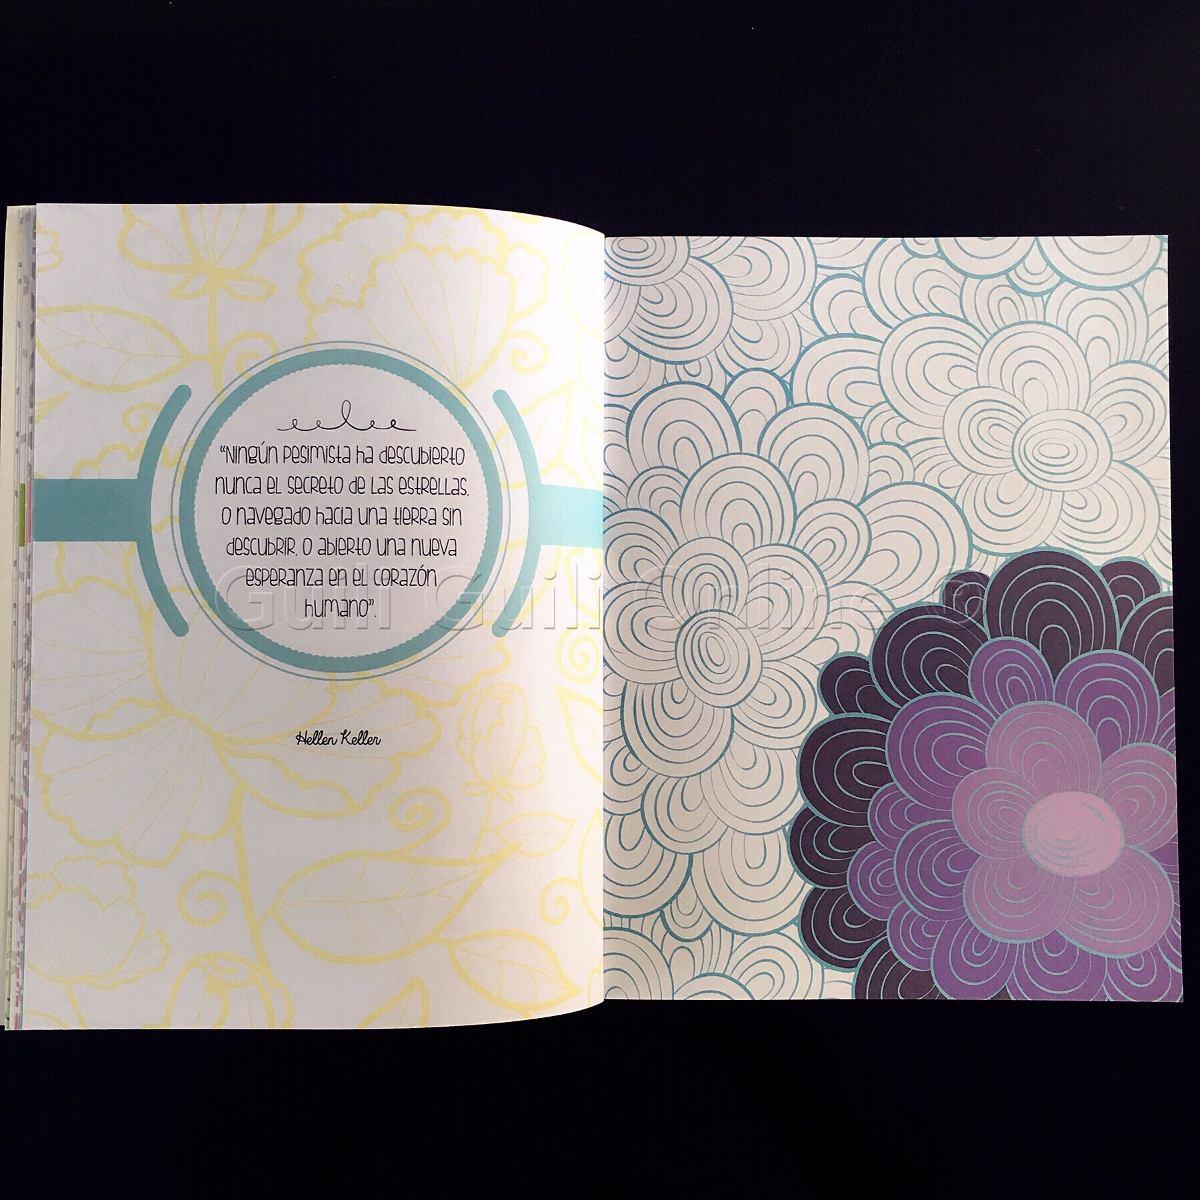 Encantador Terapia Creativa Para Colorear Colección de Imágenes ...